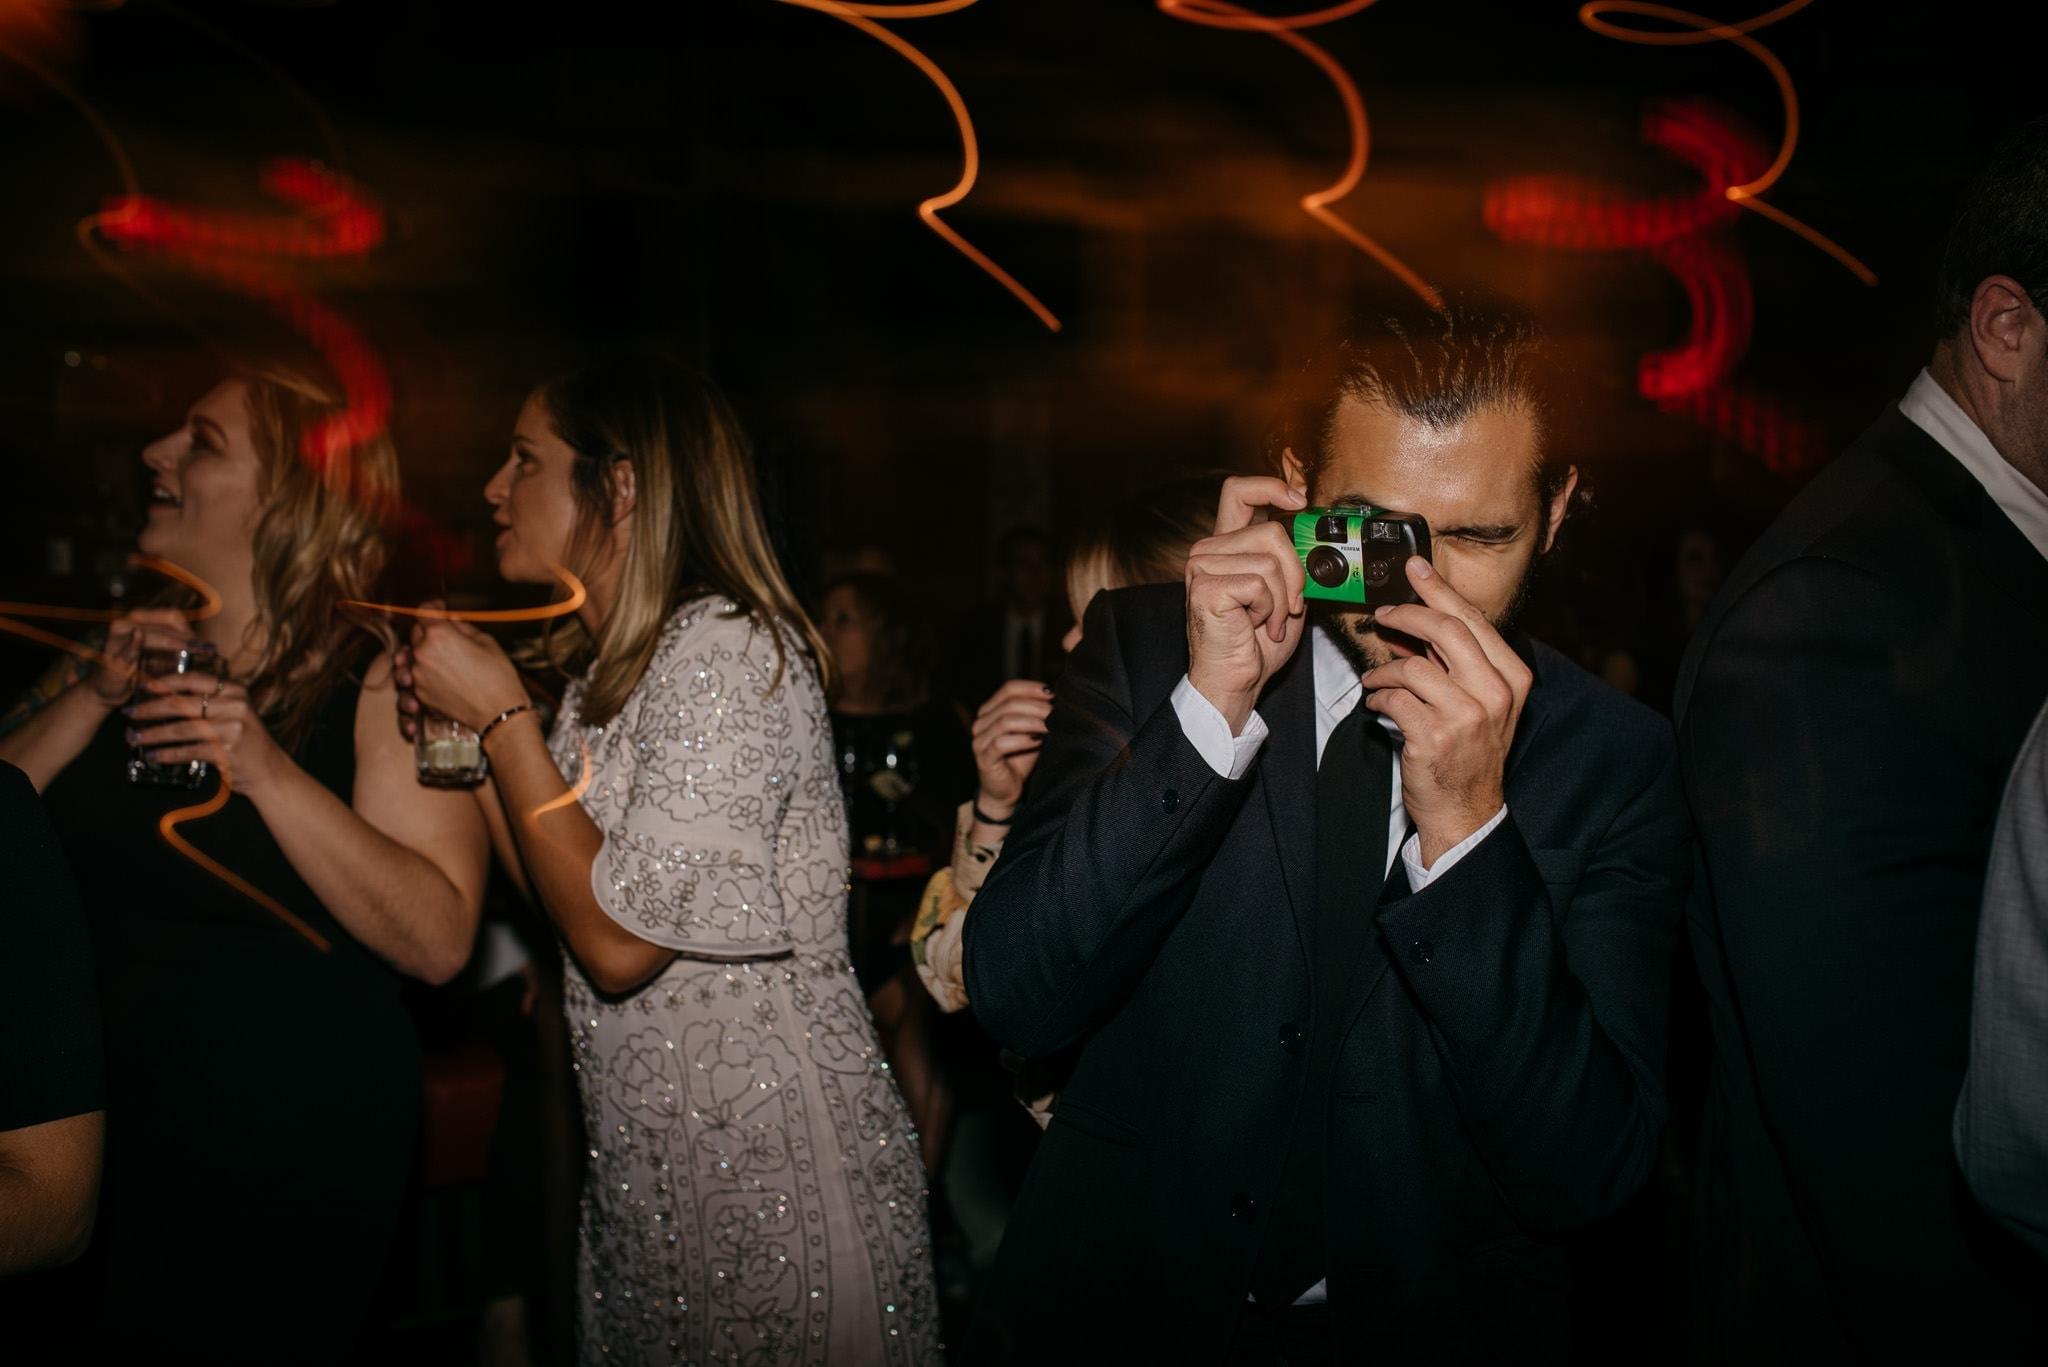 helsinki-hudson-wedding-59